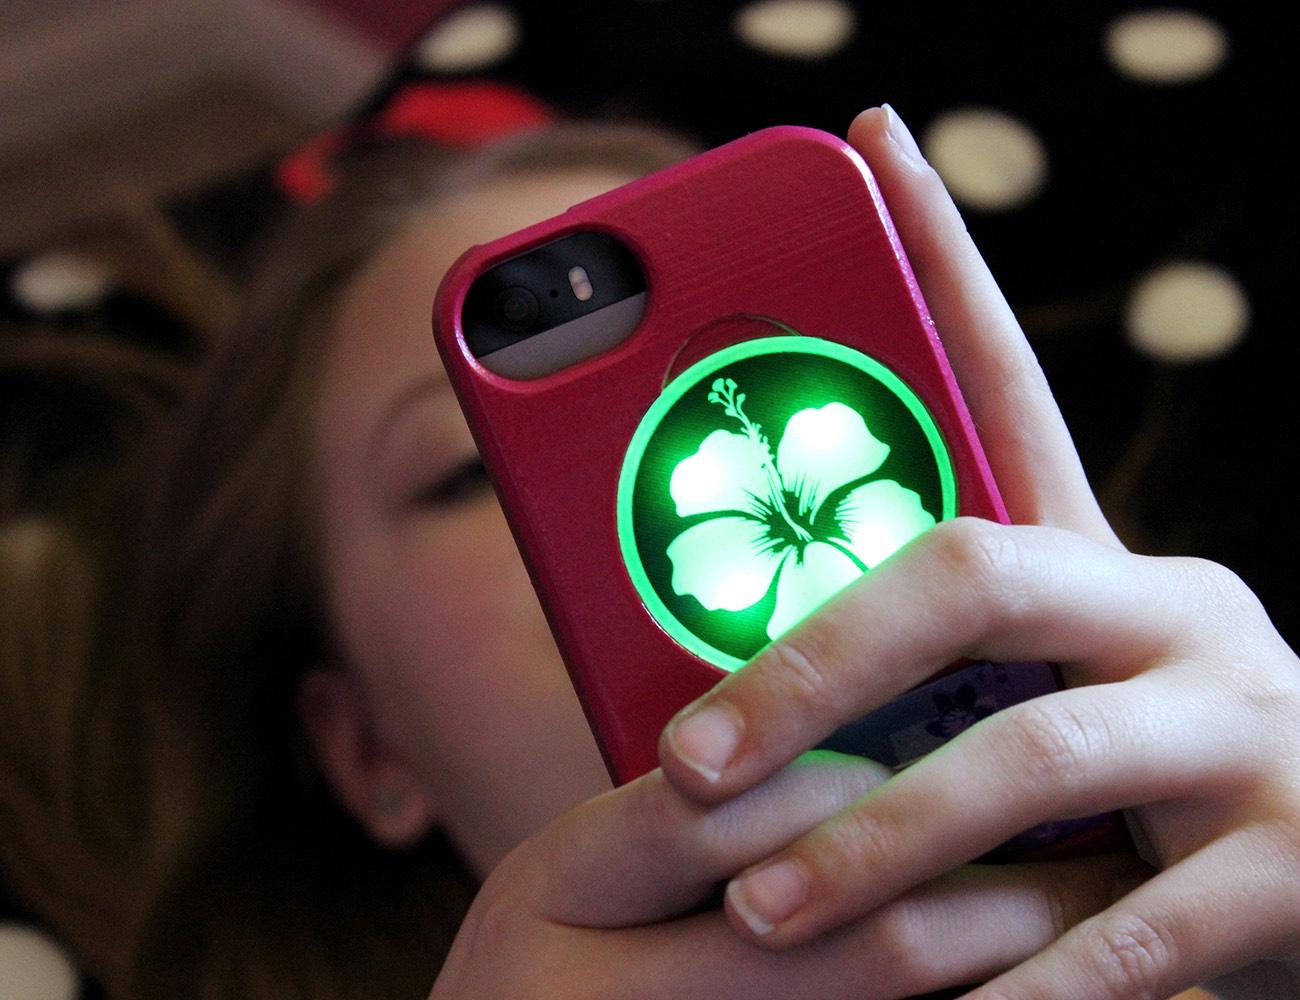 illuminating-iphone-cases-01